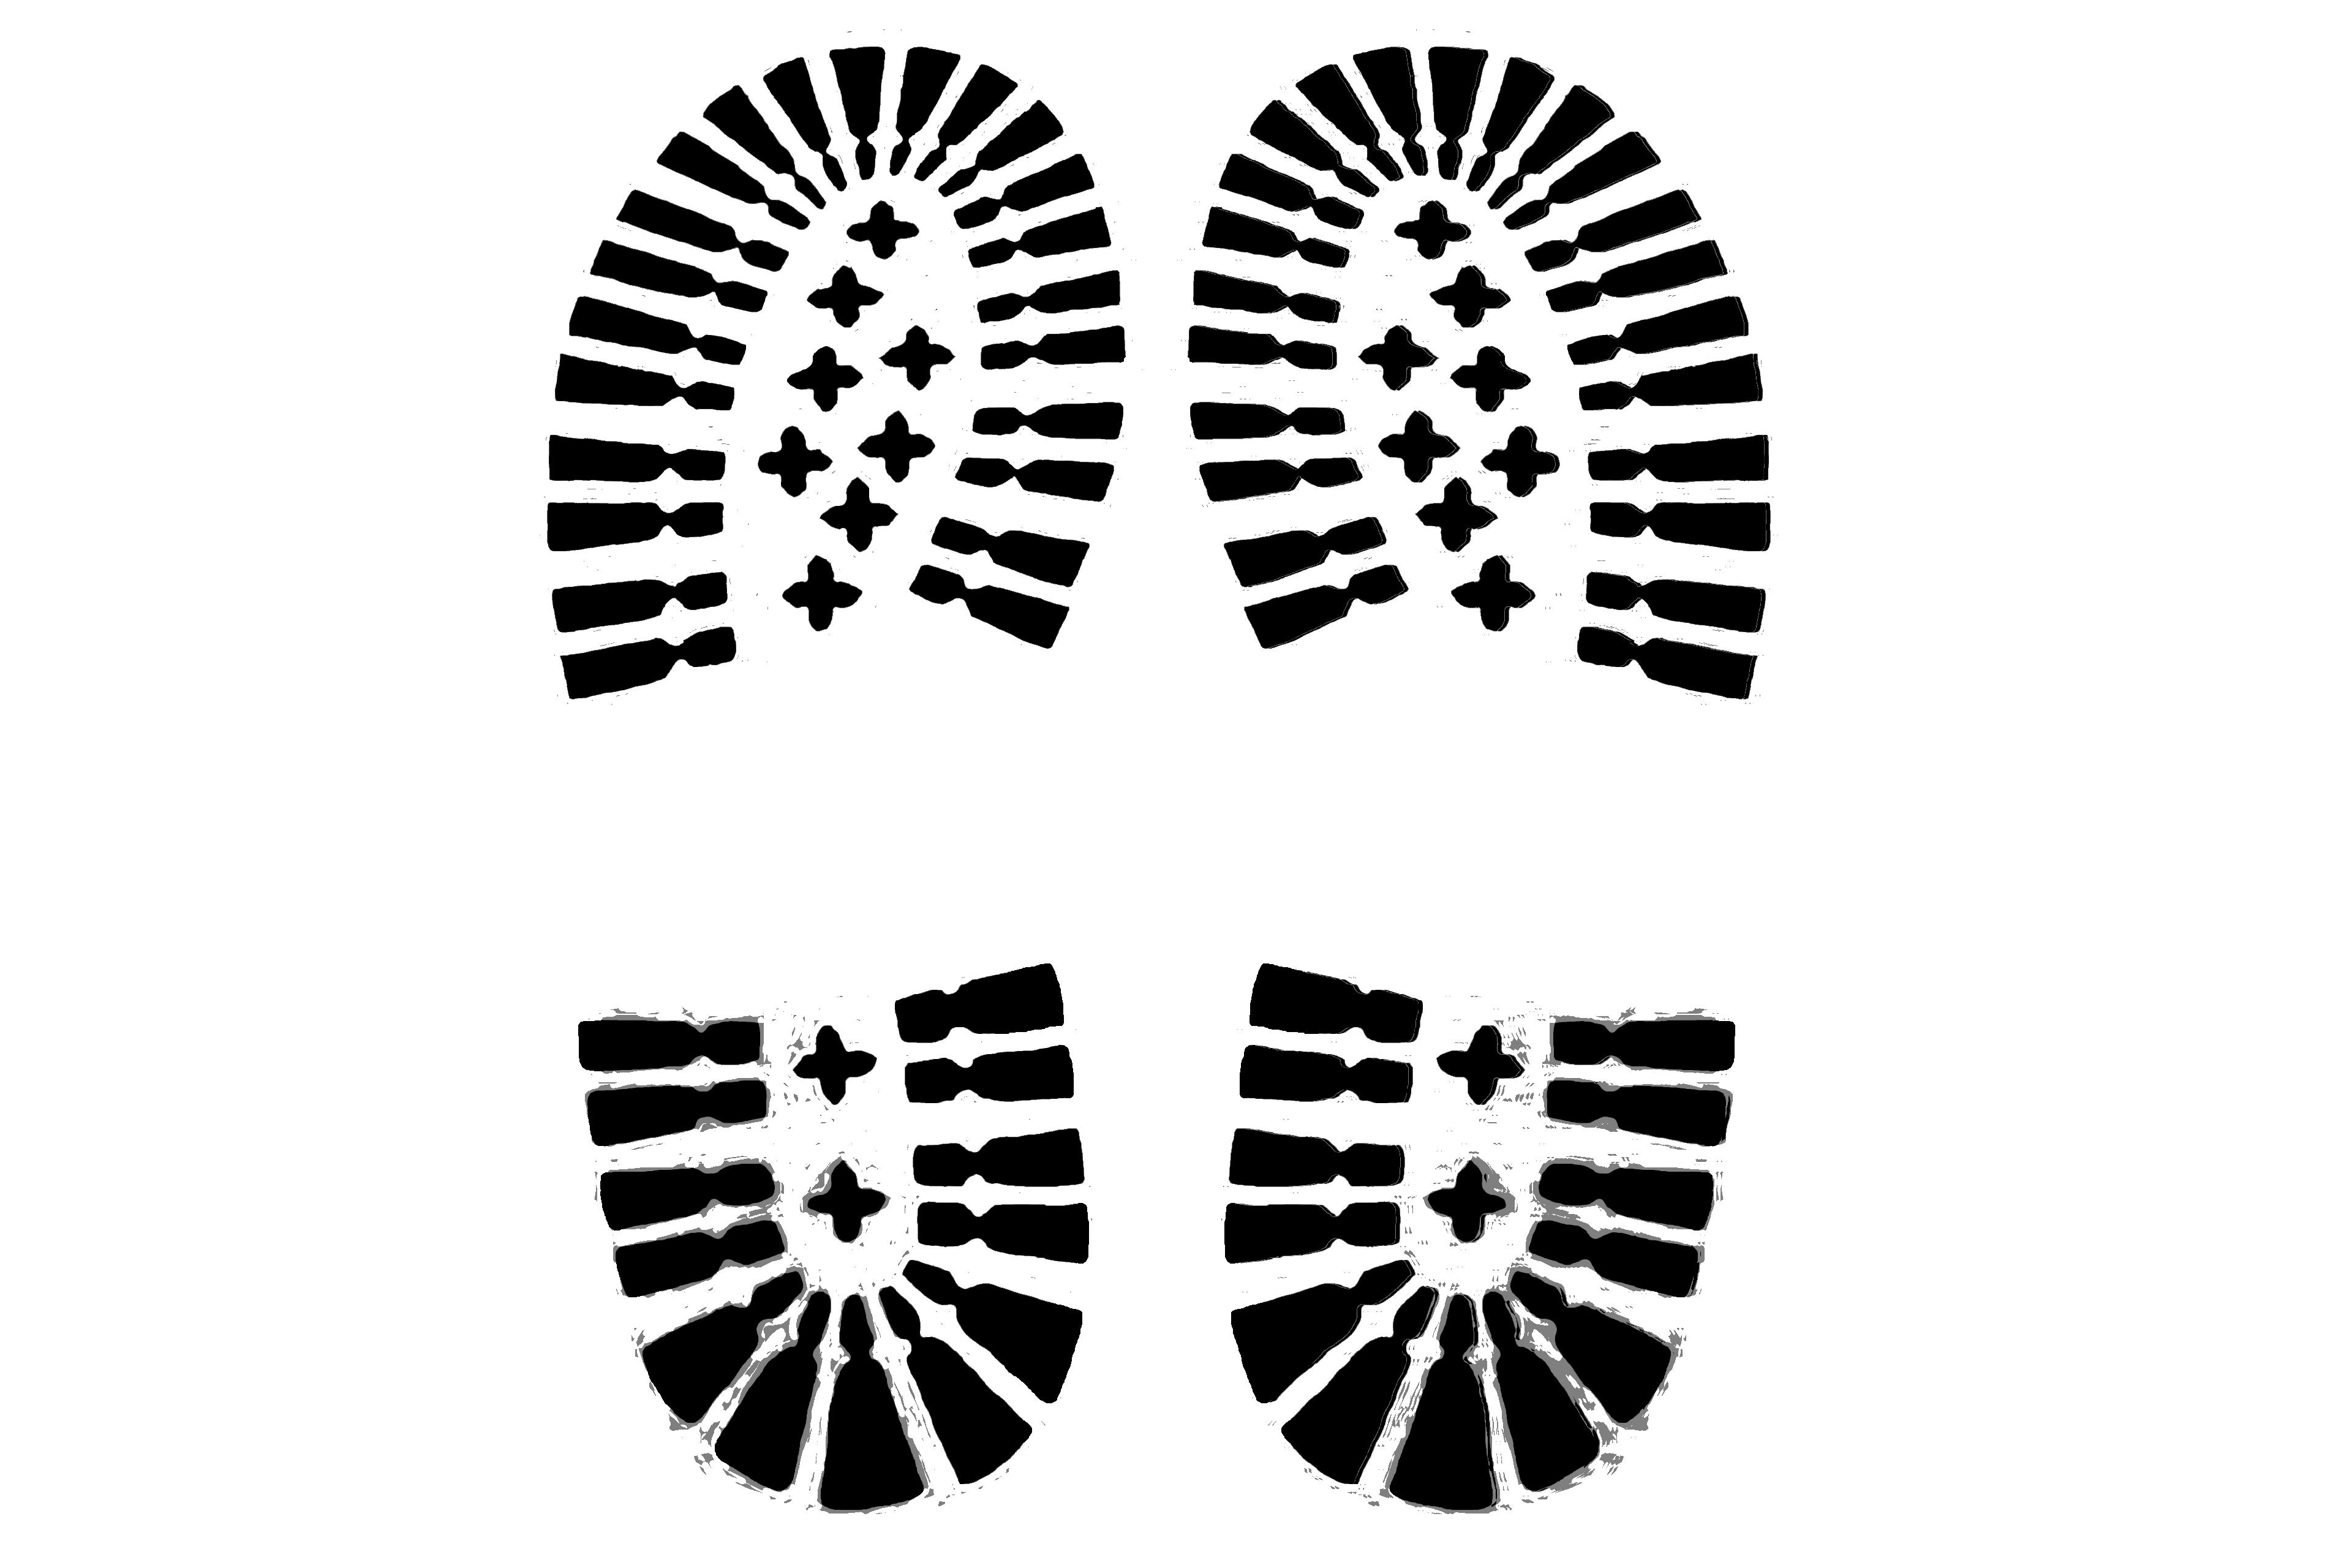 3840x2560 15 Vector Footprints Work Boot For Free Download On Mbtskoudsalg